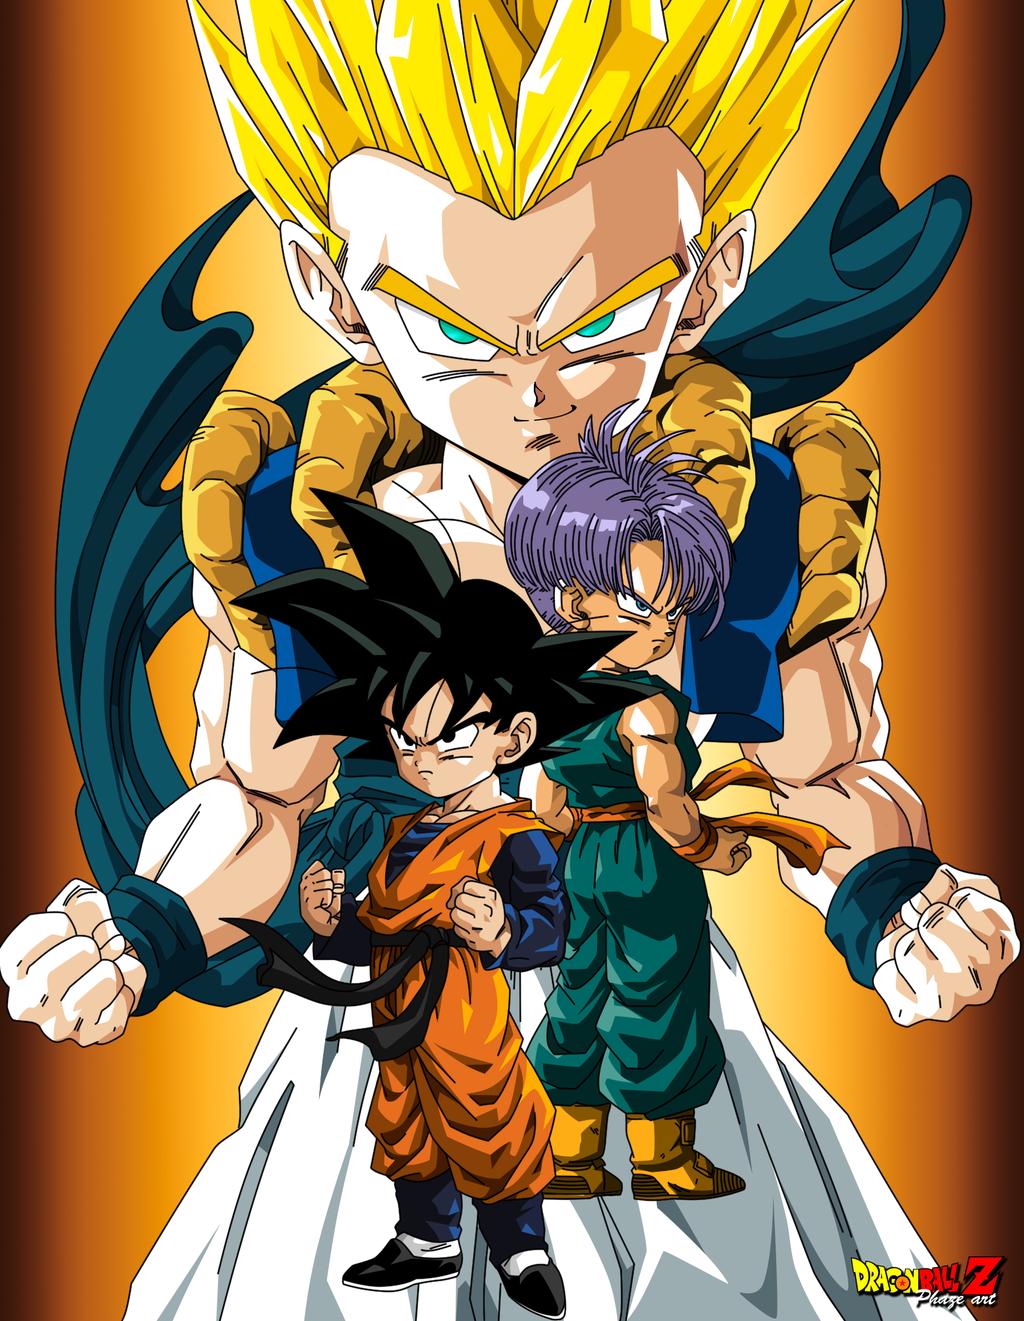 Gotenks By Phazen1 On Deviantart Dragon Ball Z Anime Dragon Ball Dragon Ball